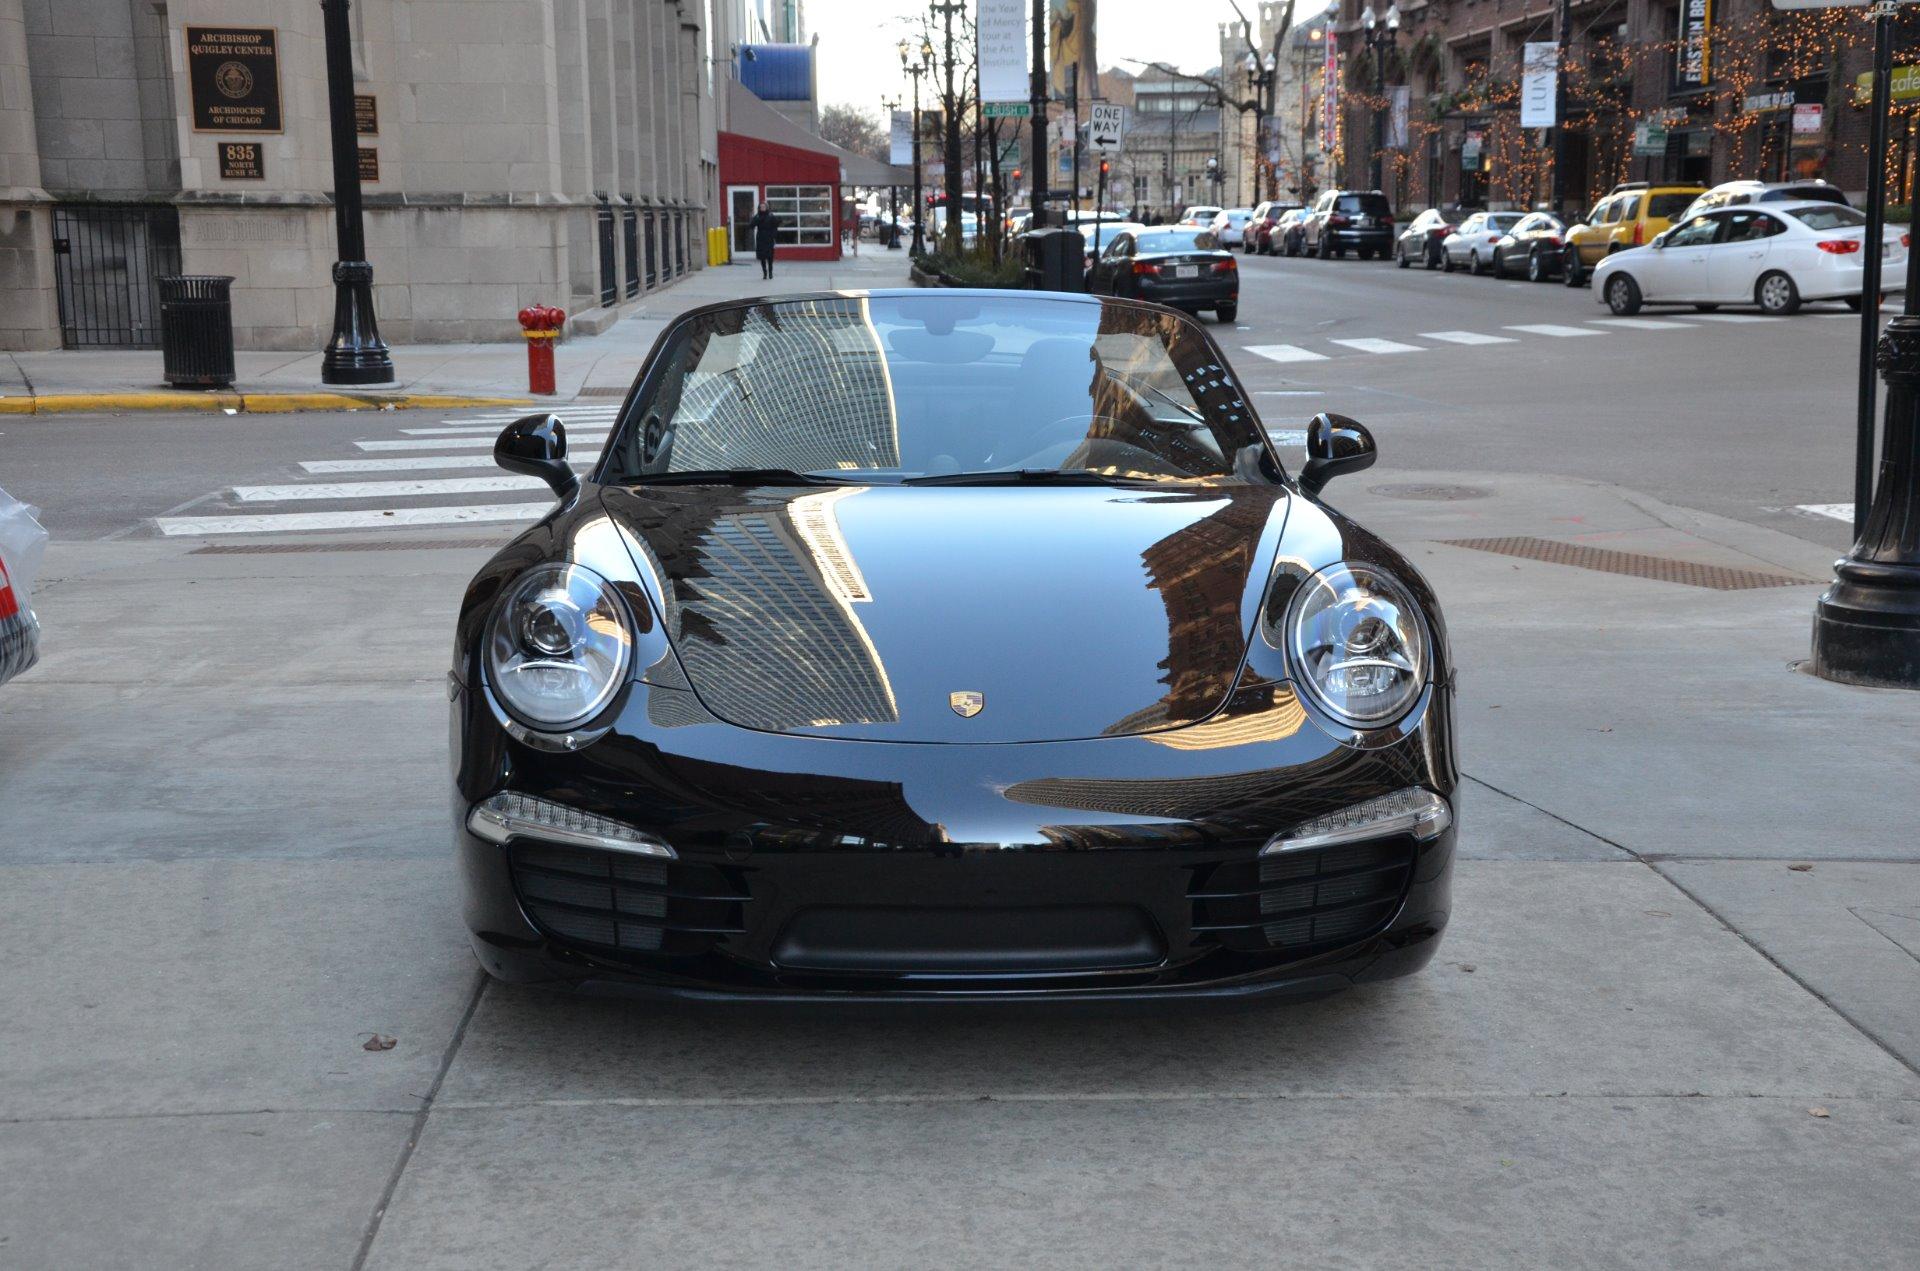 2012 porsche 911 carrera s stock l311aa for sale near chicago il il porsche dealer. Black Bedroom Furniture Sets. Home Design Ideas